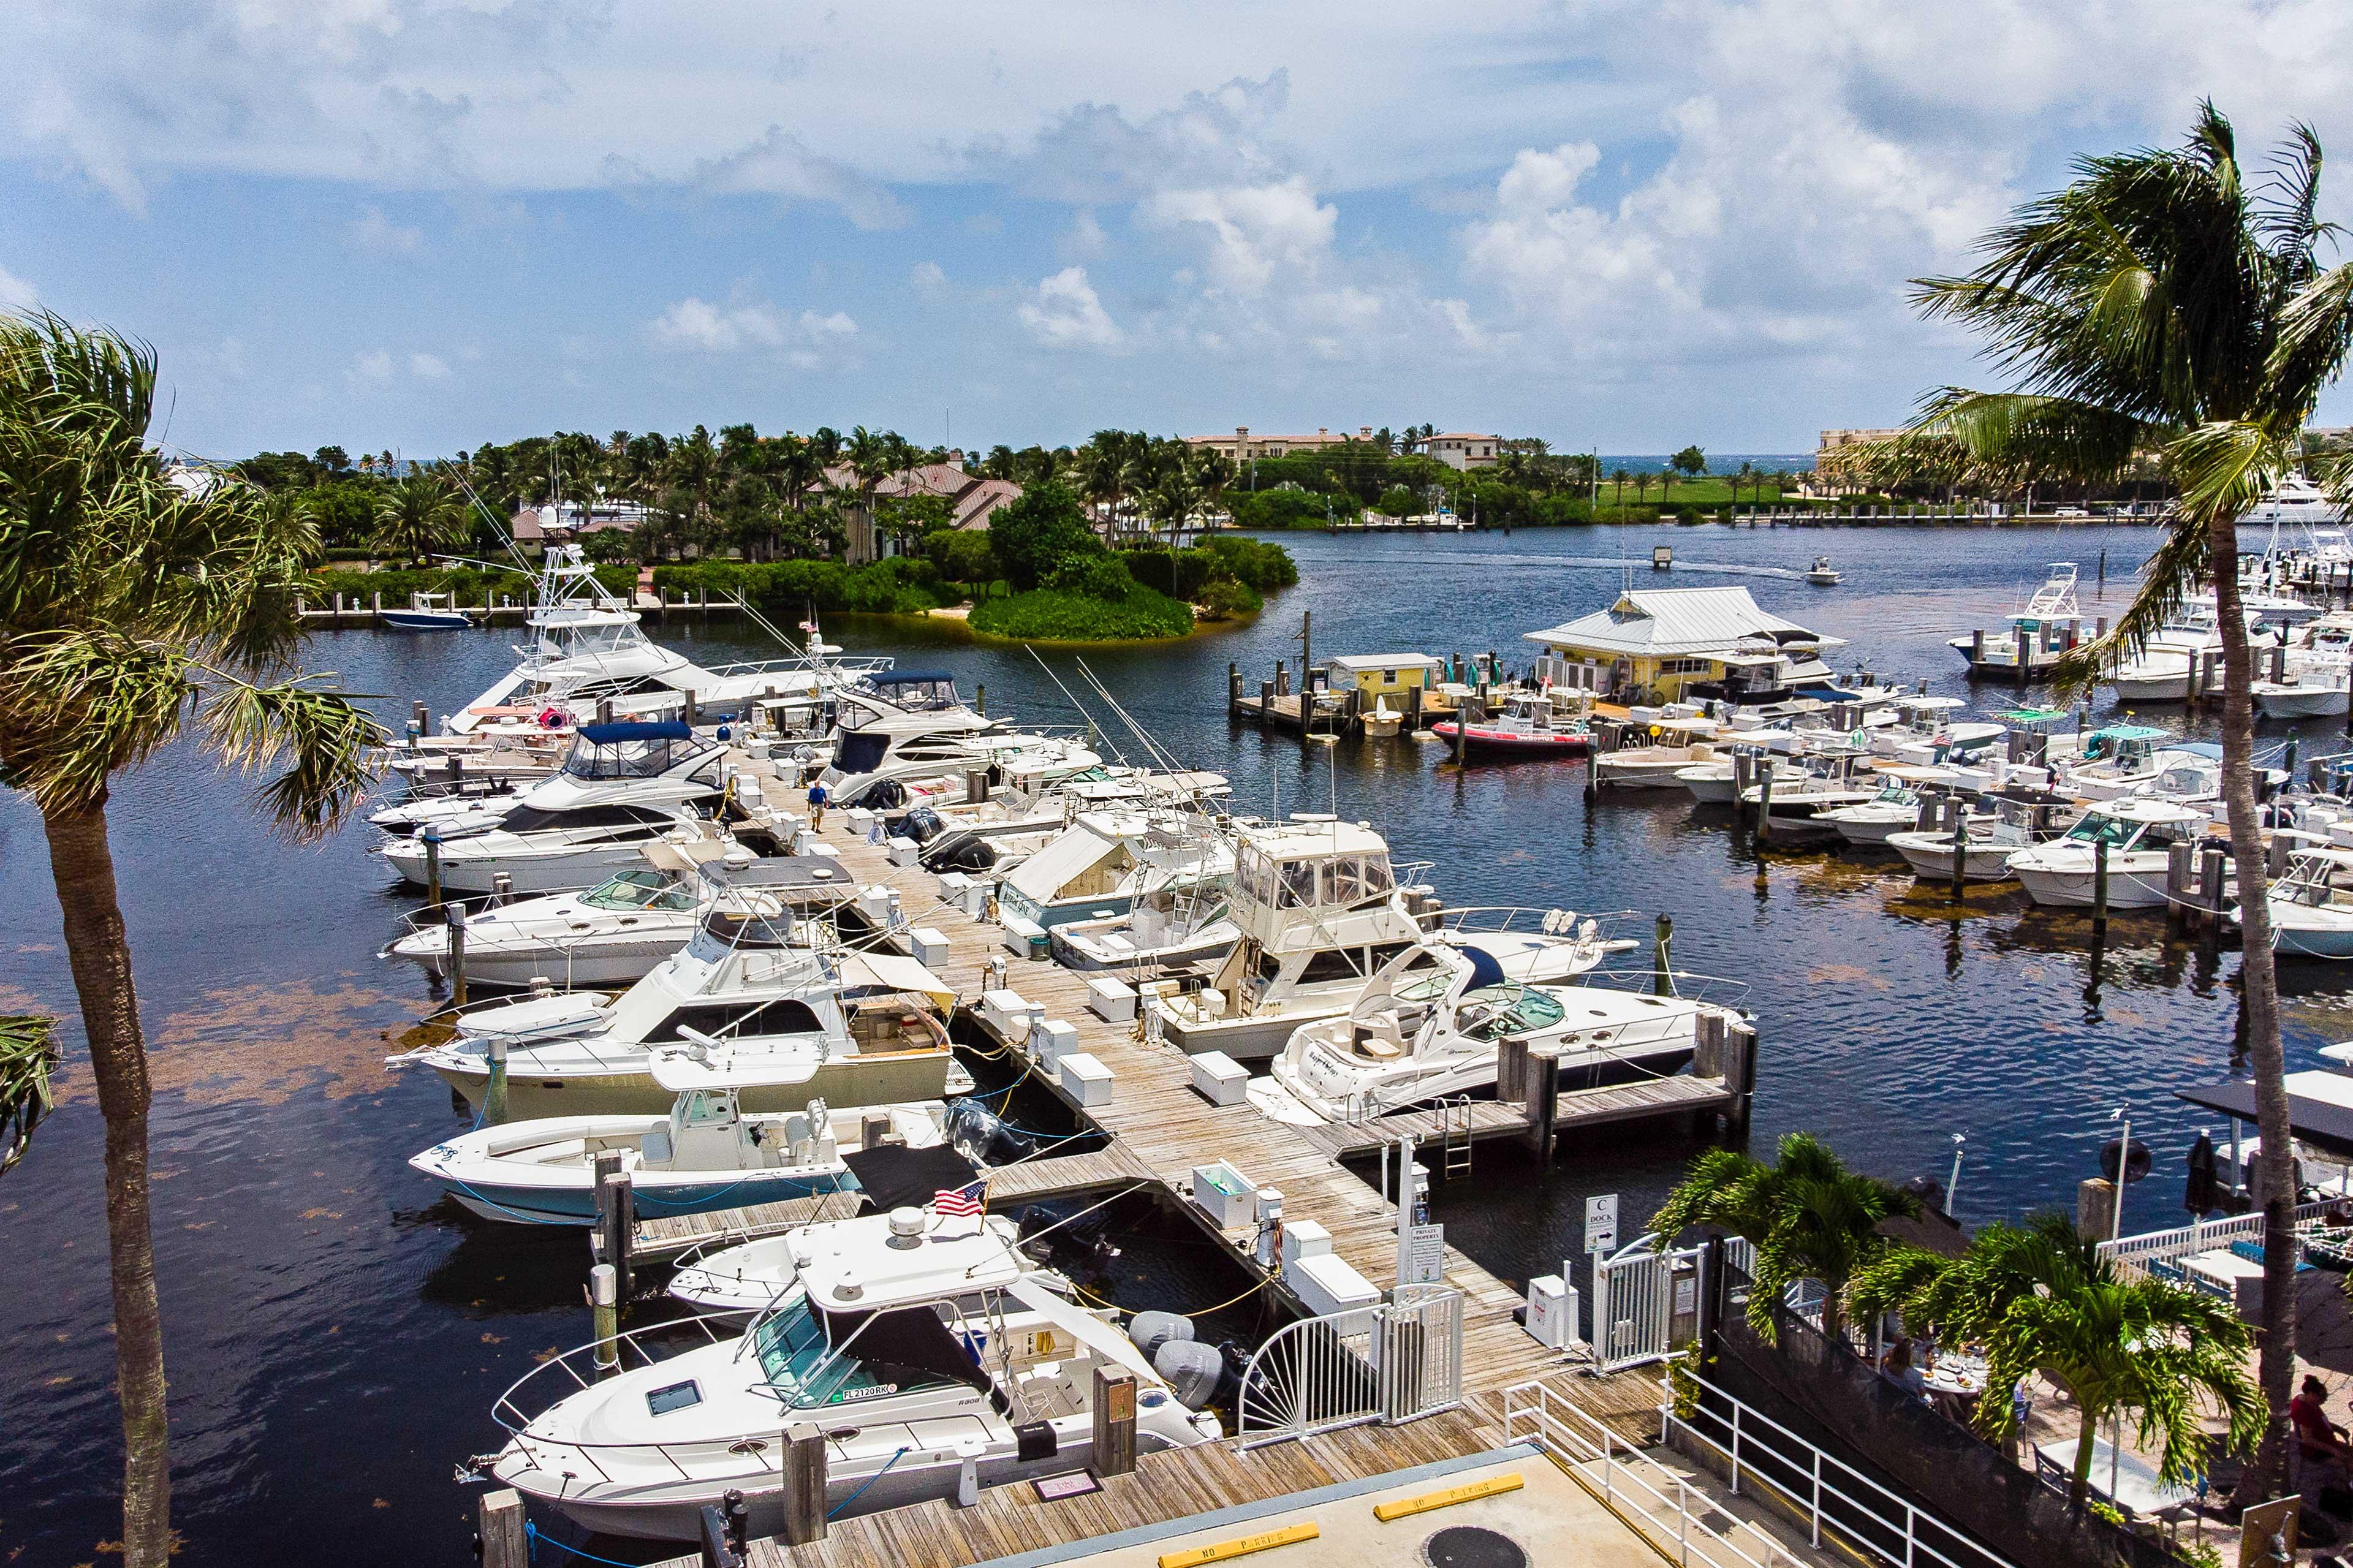 Enjoy a boat ride from the marina.